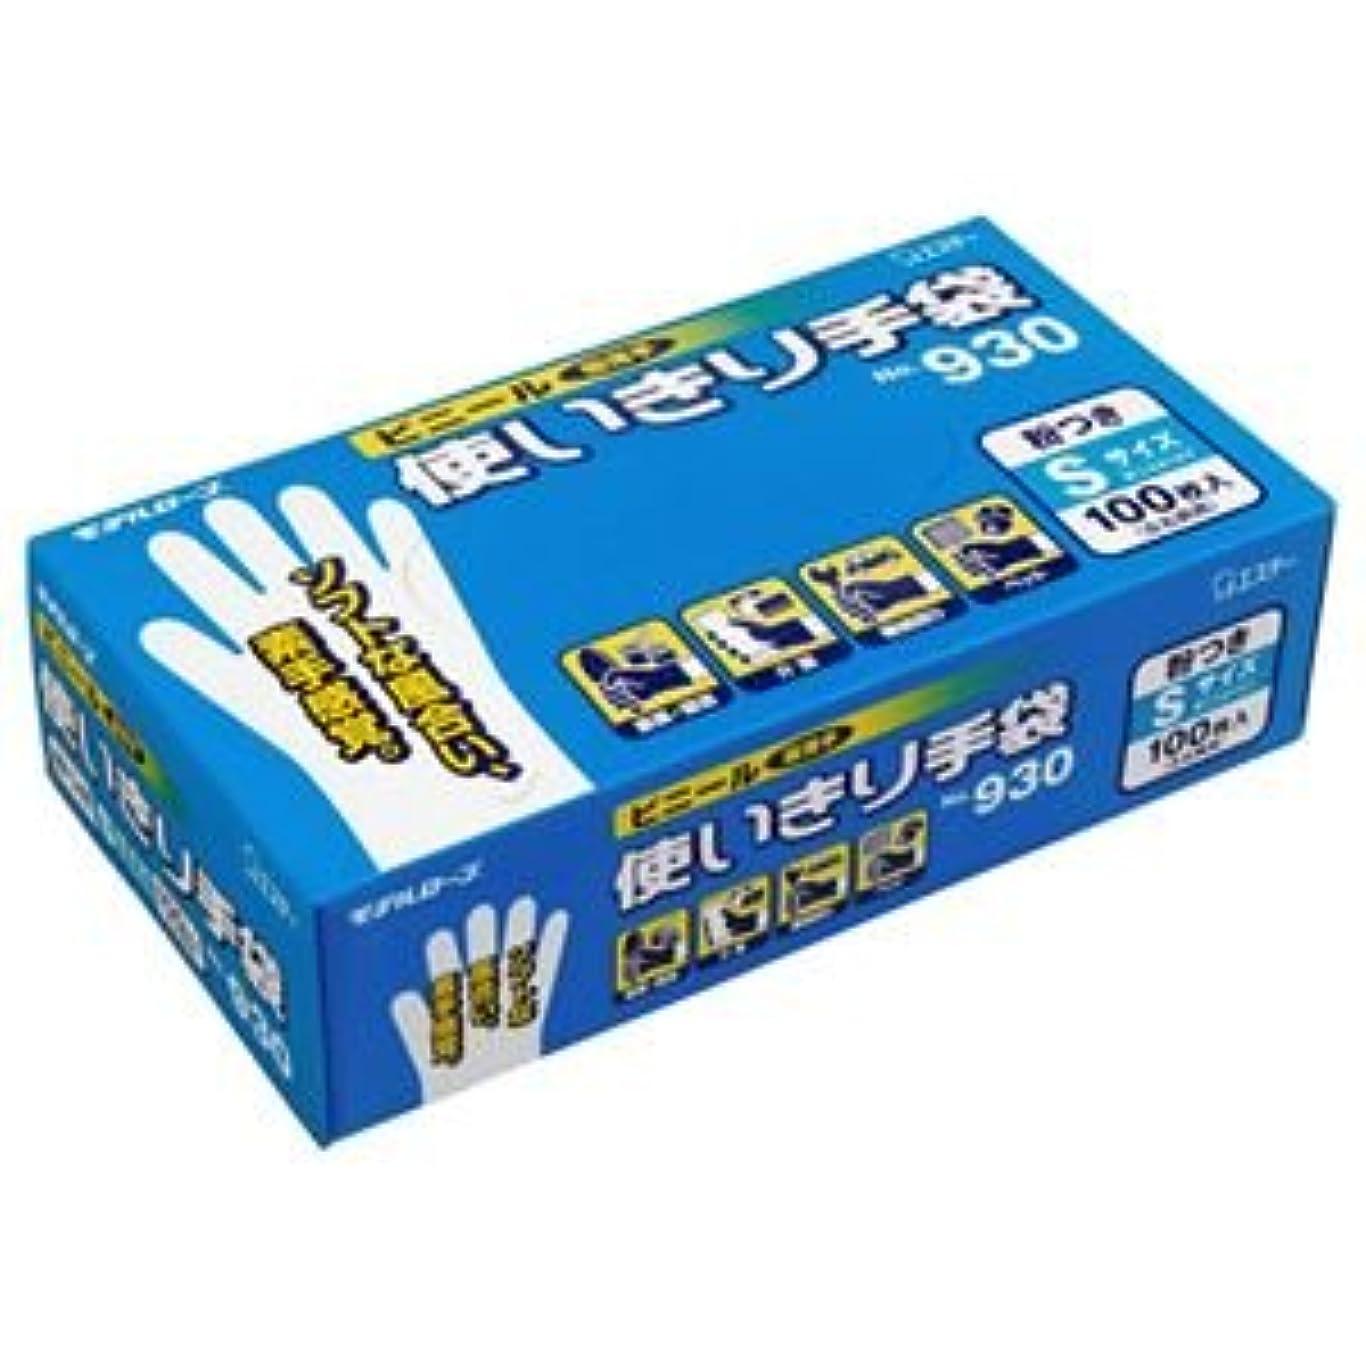 ミスがんばり続ける酸素(まとめ) エステー No.930 ビニール使いきり手袋(粉付) S 1箱(100枚) 【×5セット】 [簡易パッケージ品]